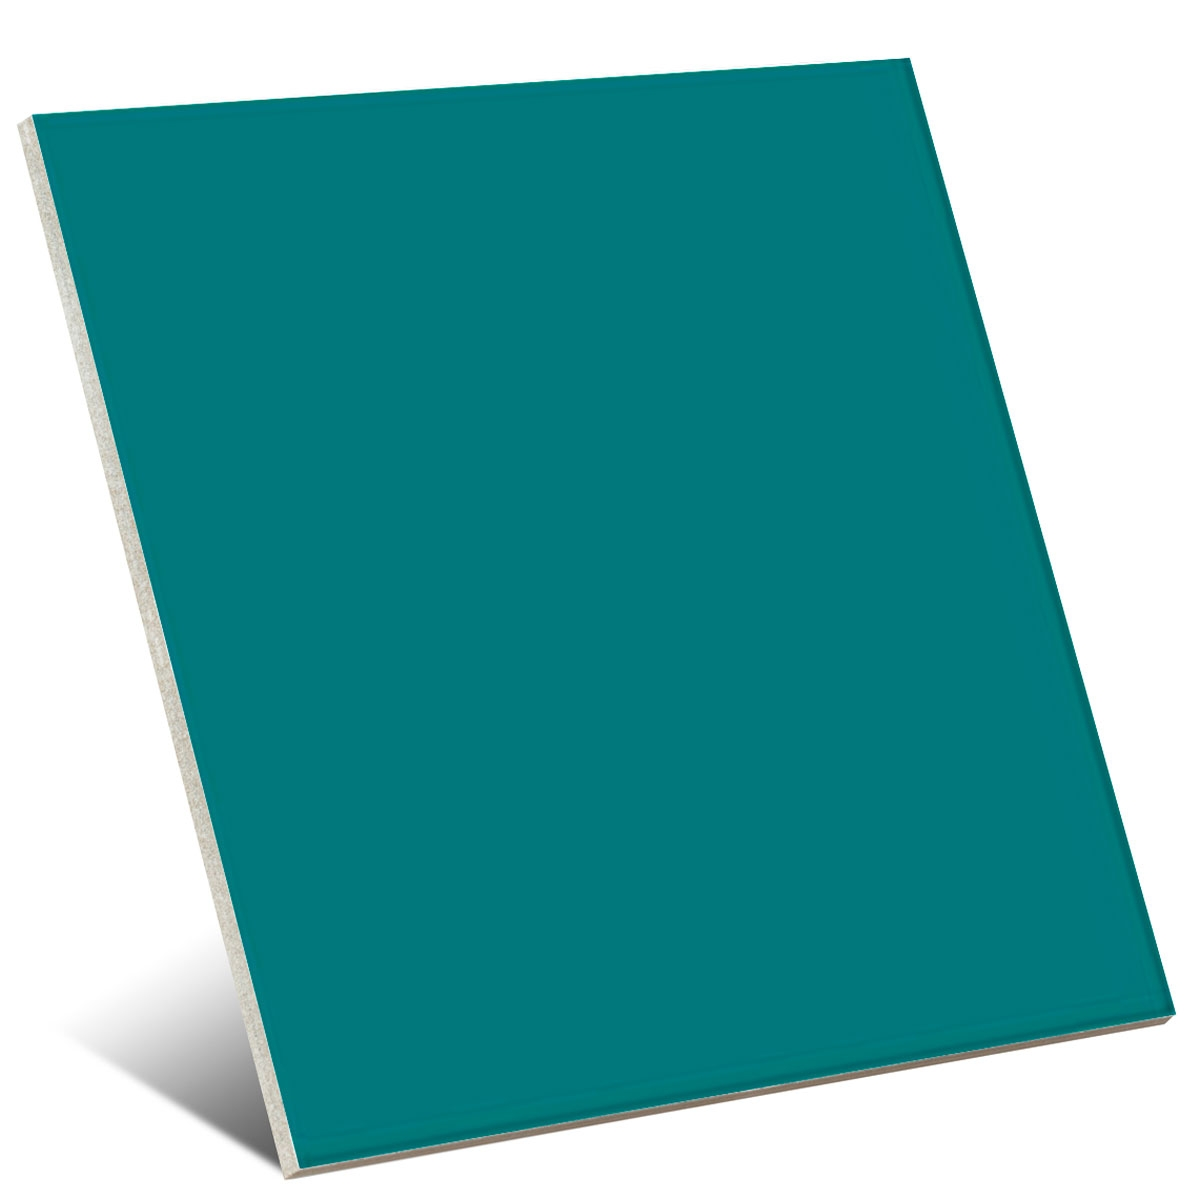 Color Blu Brillo 20x20 cm (caja 1 m2)